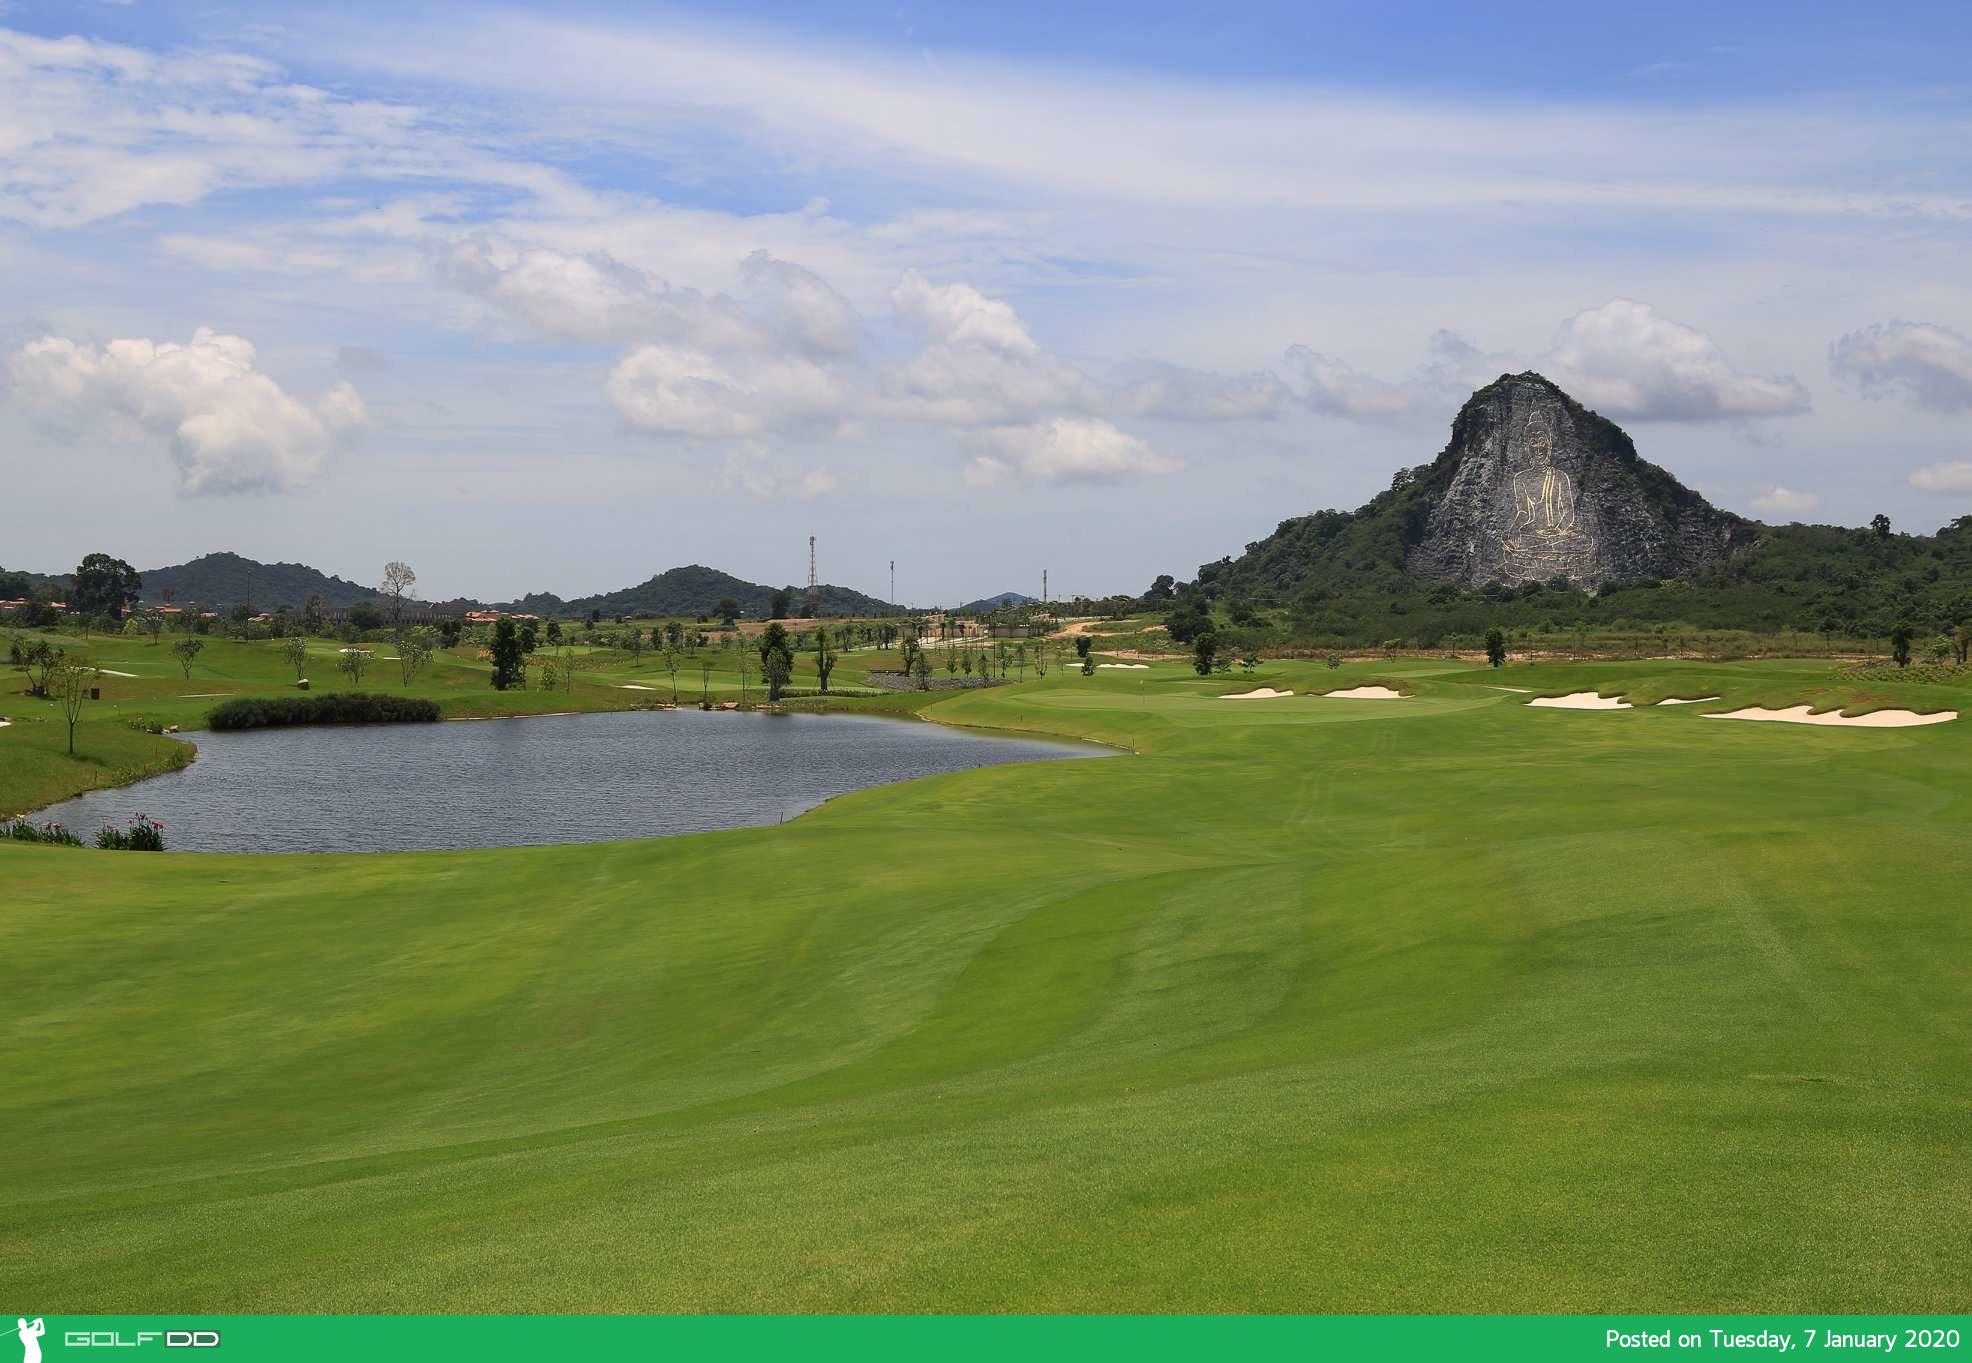 Chee Chan Golf Resort ตีกอล์ฟพร้อมชมทิวทัศน์อันกว้างไกลของเขาชีจรรย์